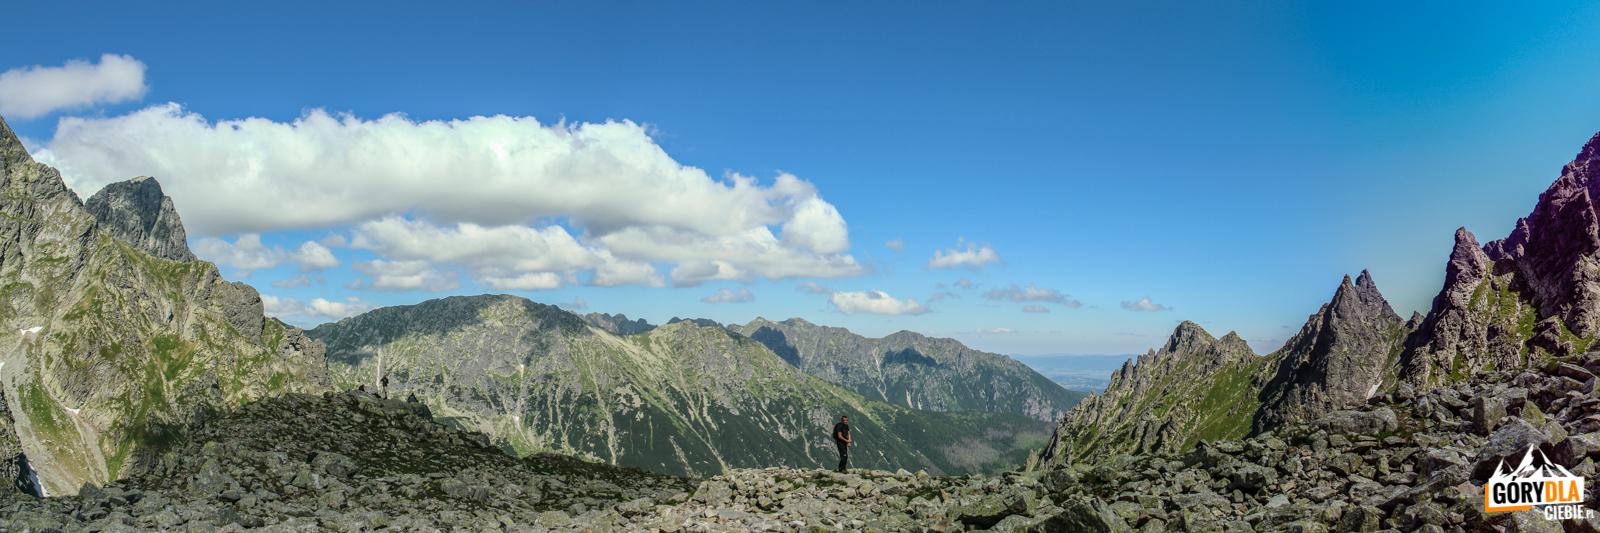 Widok zBuli podRysami (2054 m). Odlewej Mięguszowiecki Szczyt Wielki (2438 m), podnim Kazalnica (2159 m), nawprost Miedziane (2233 m) iOpalone (2115 m), apo prawej postrzępione Apostoły istrzelisty Zabi Mnich (2146 m).